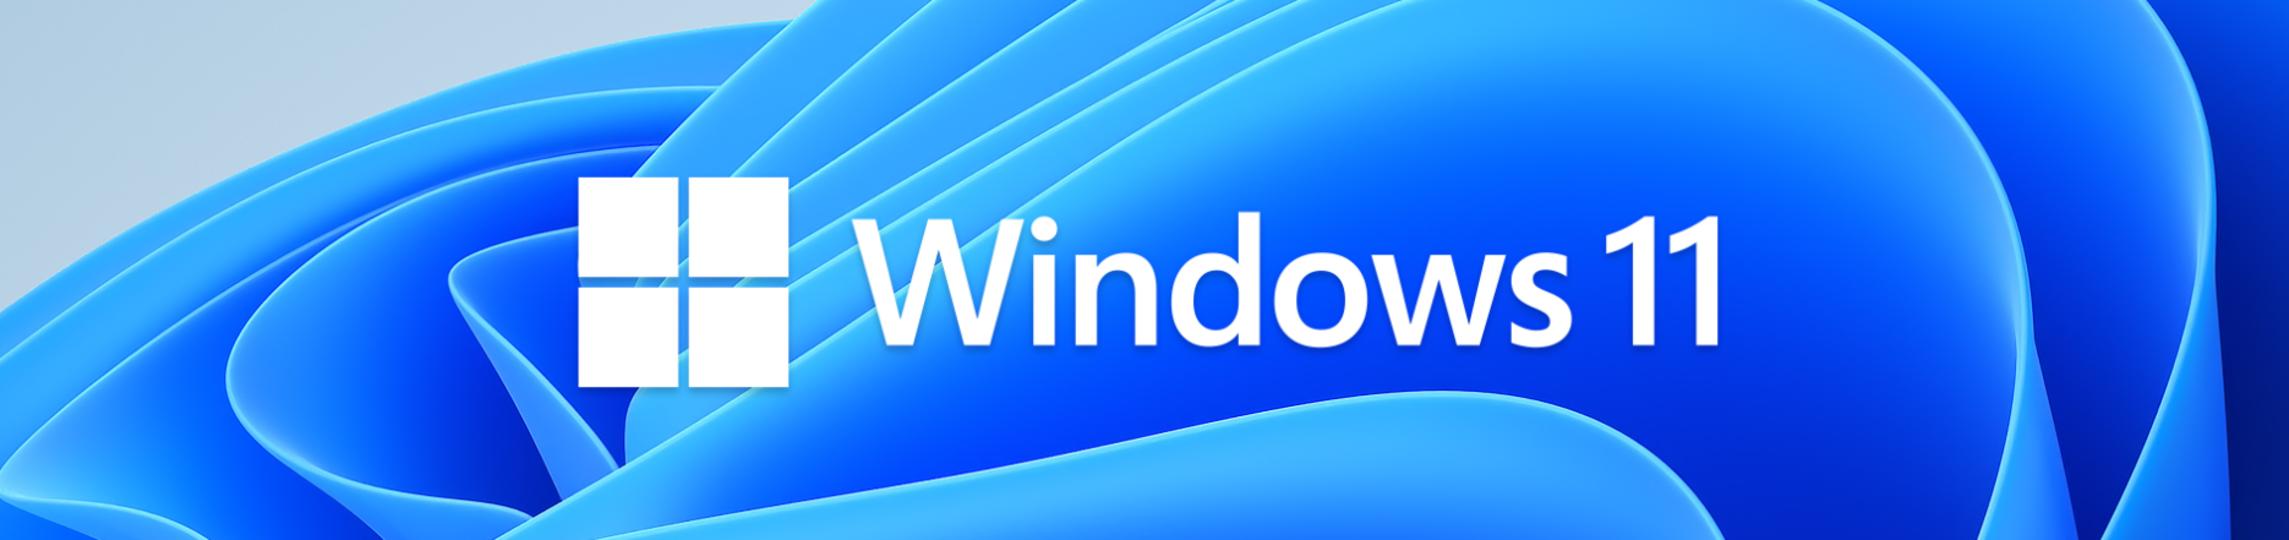 Microsoft Windows 11 – hoe zit het met de licenties?